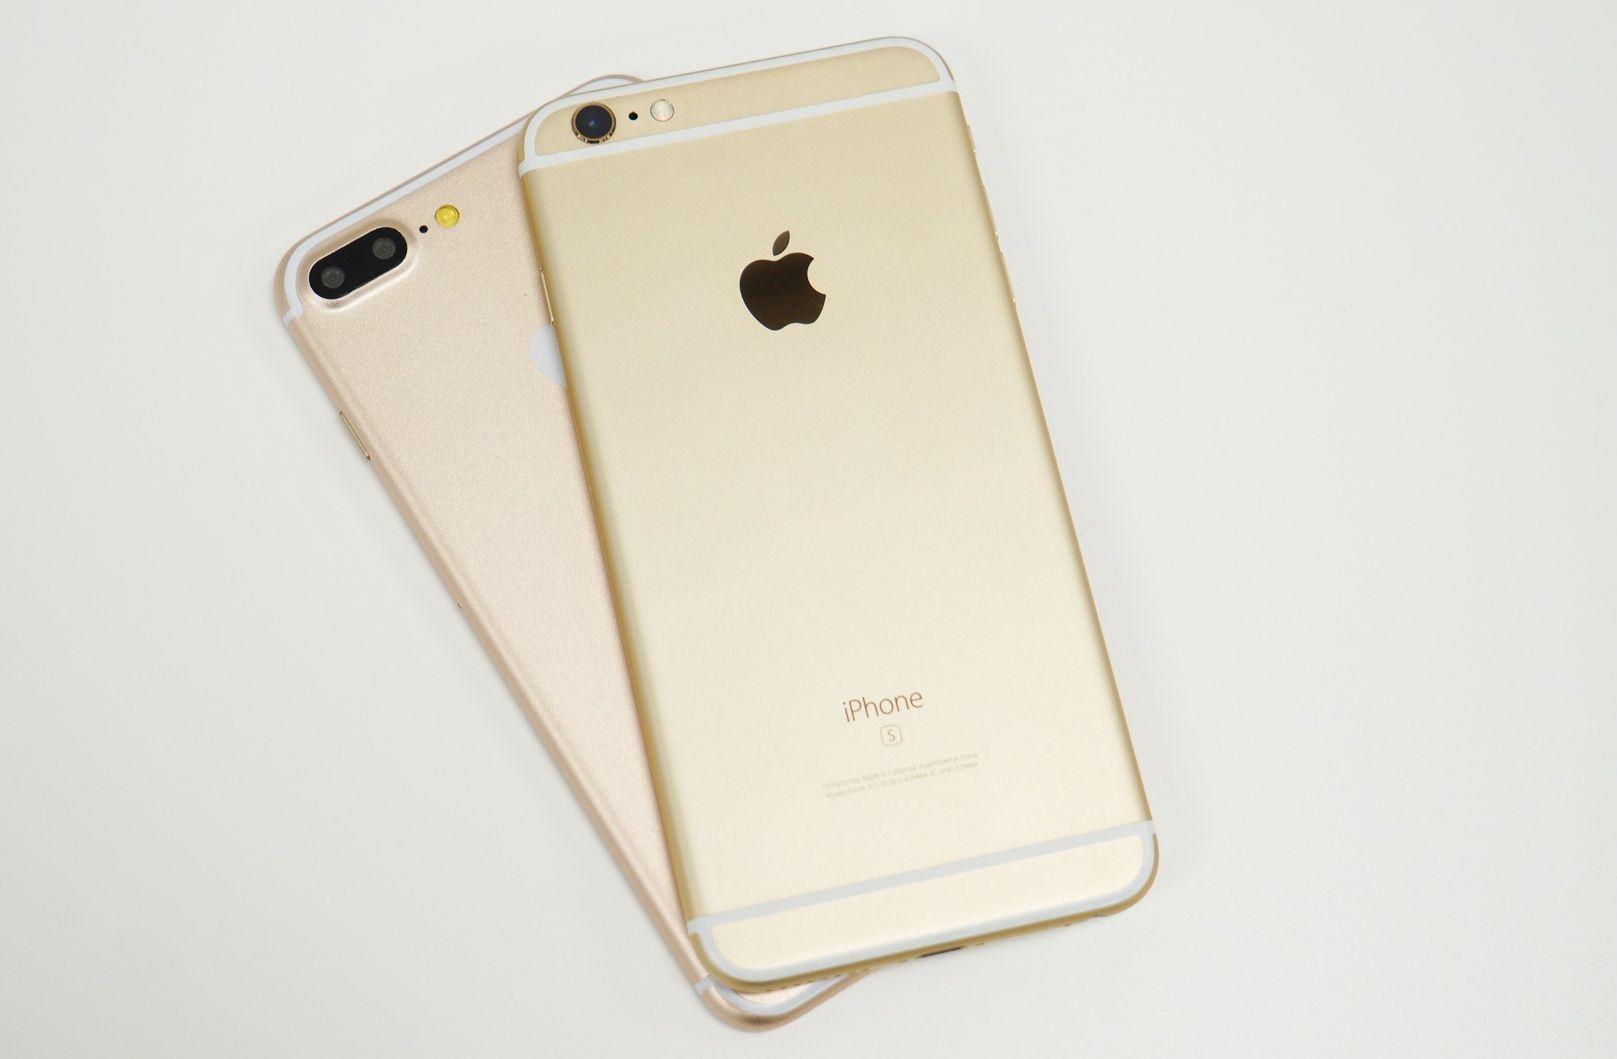 iphone 6s plus или iphone 7 plus